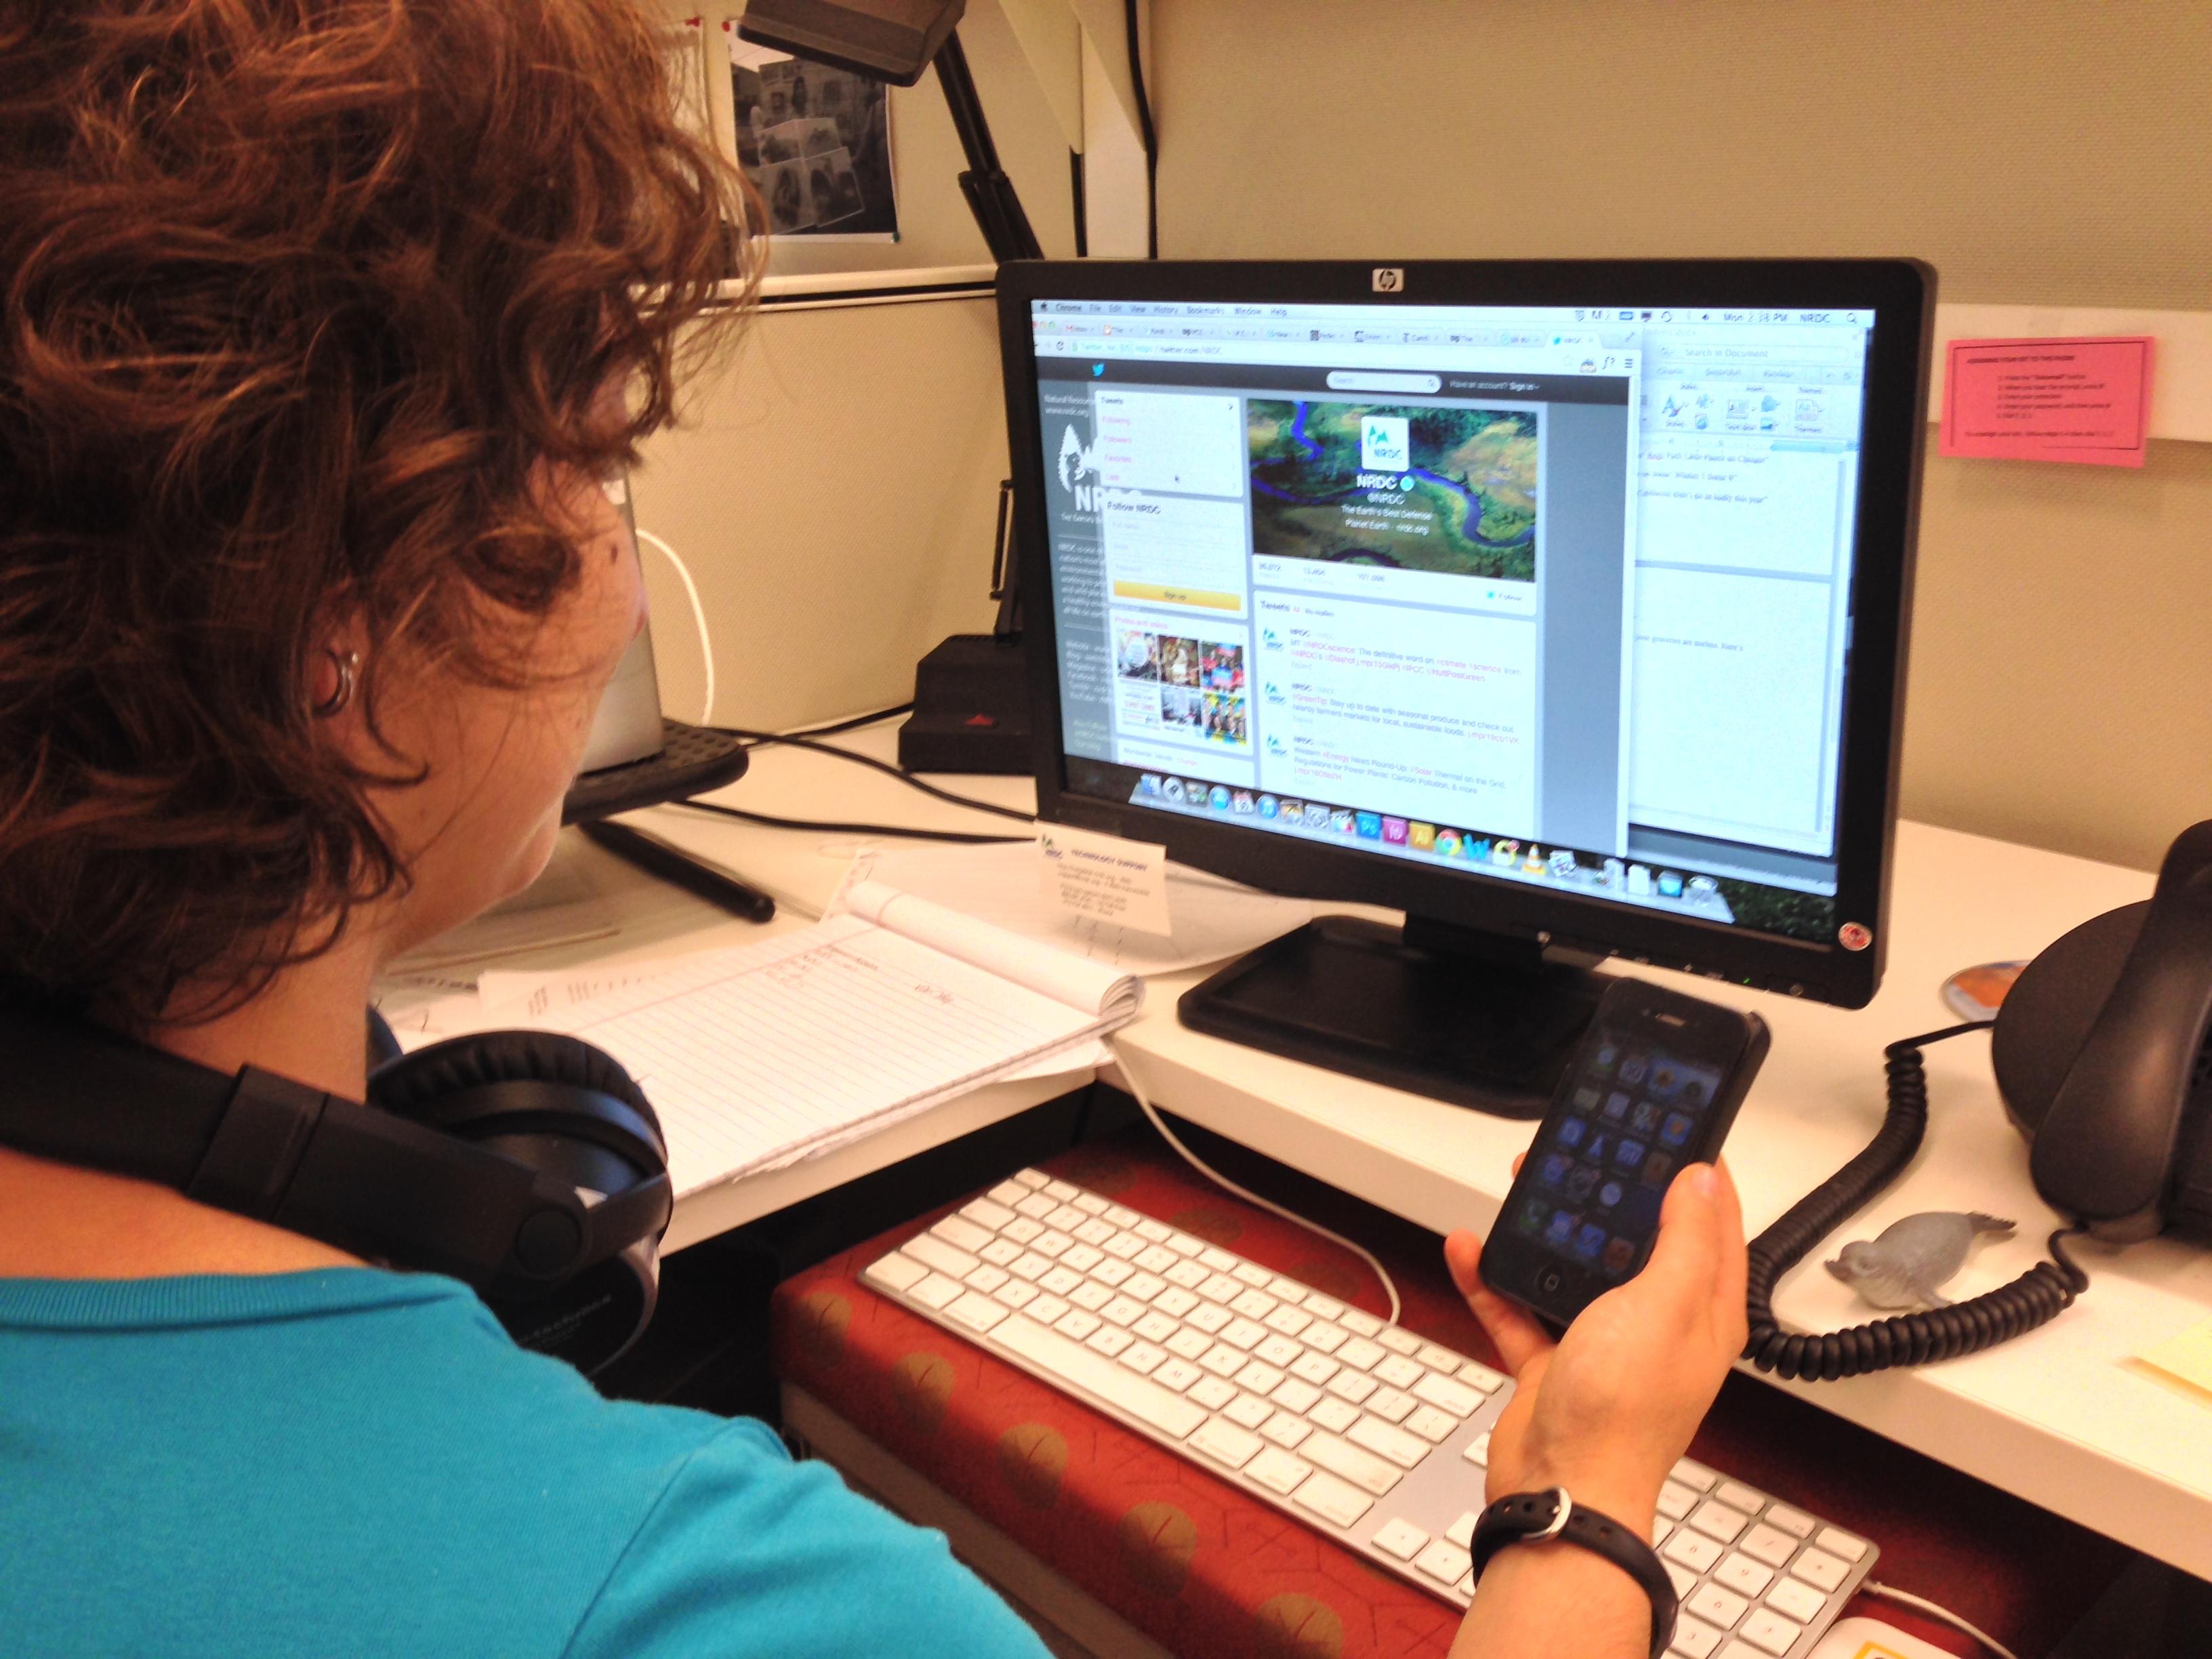 M dias digitais carreiras educa o for Oficina virtual de emprego